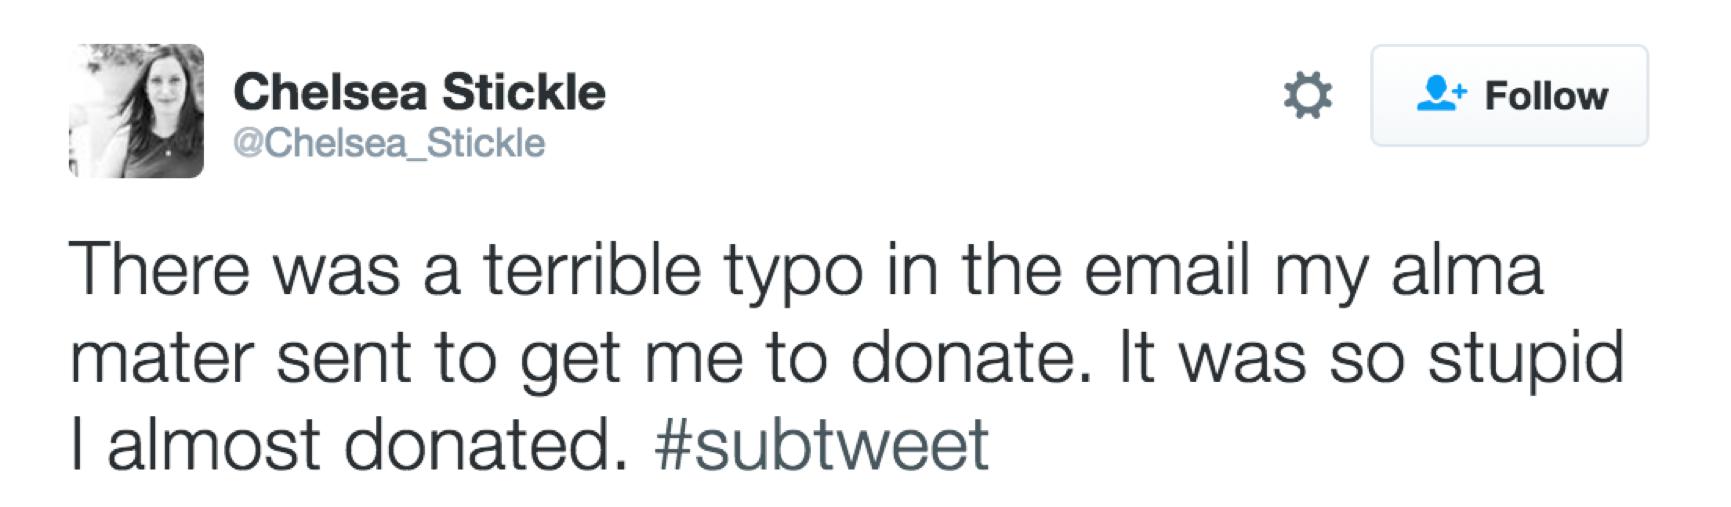 embarrassing tweet